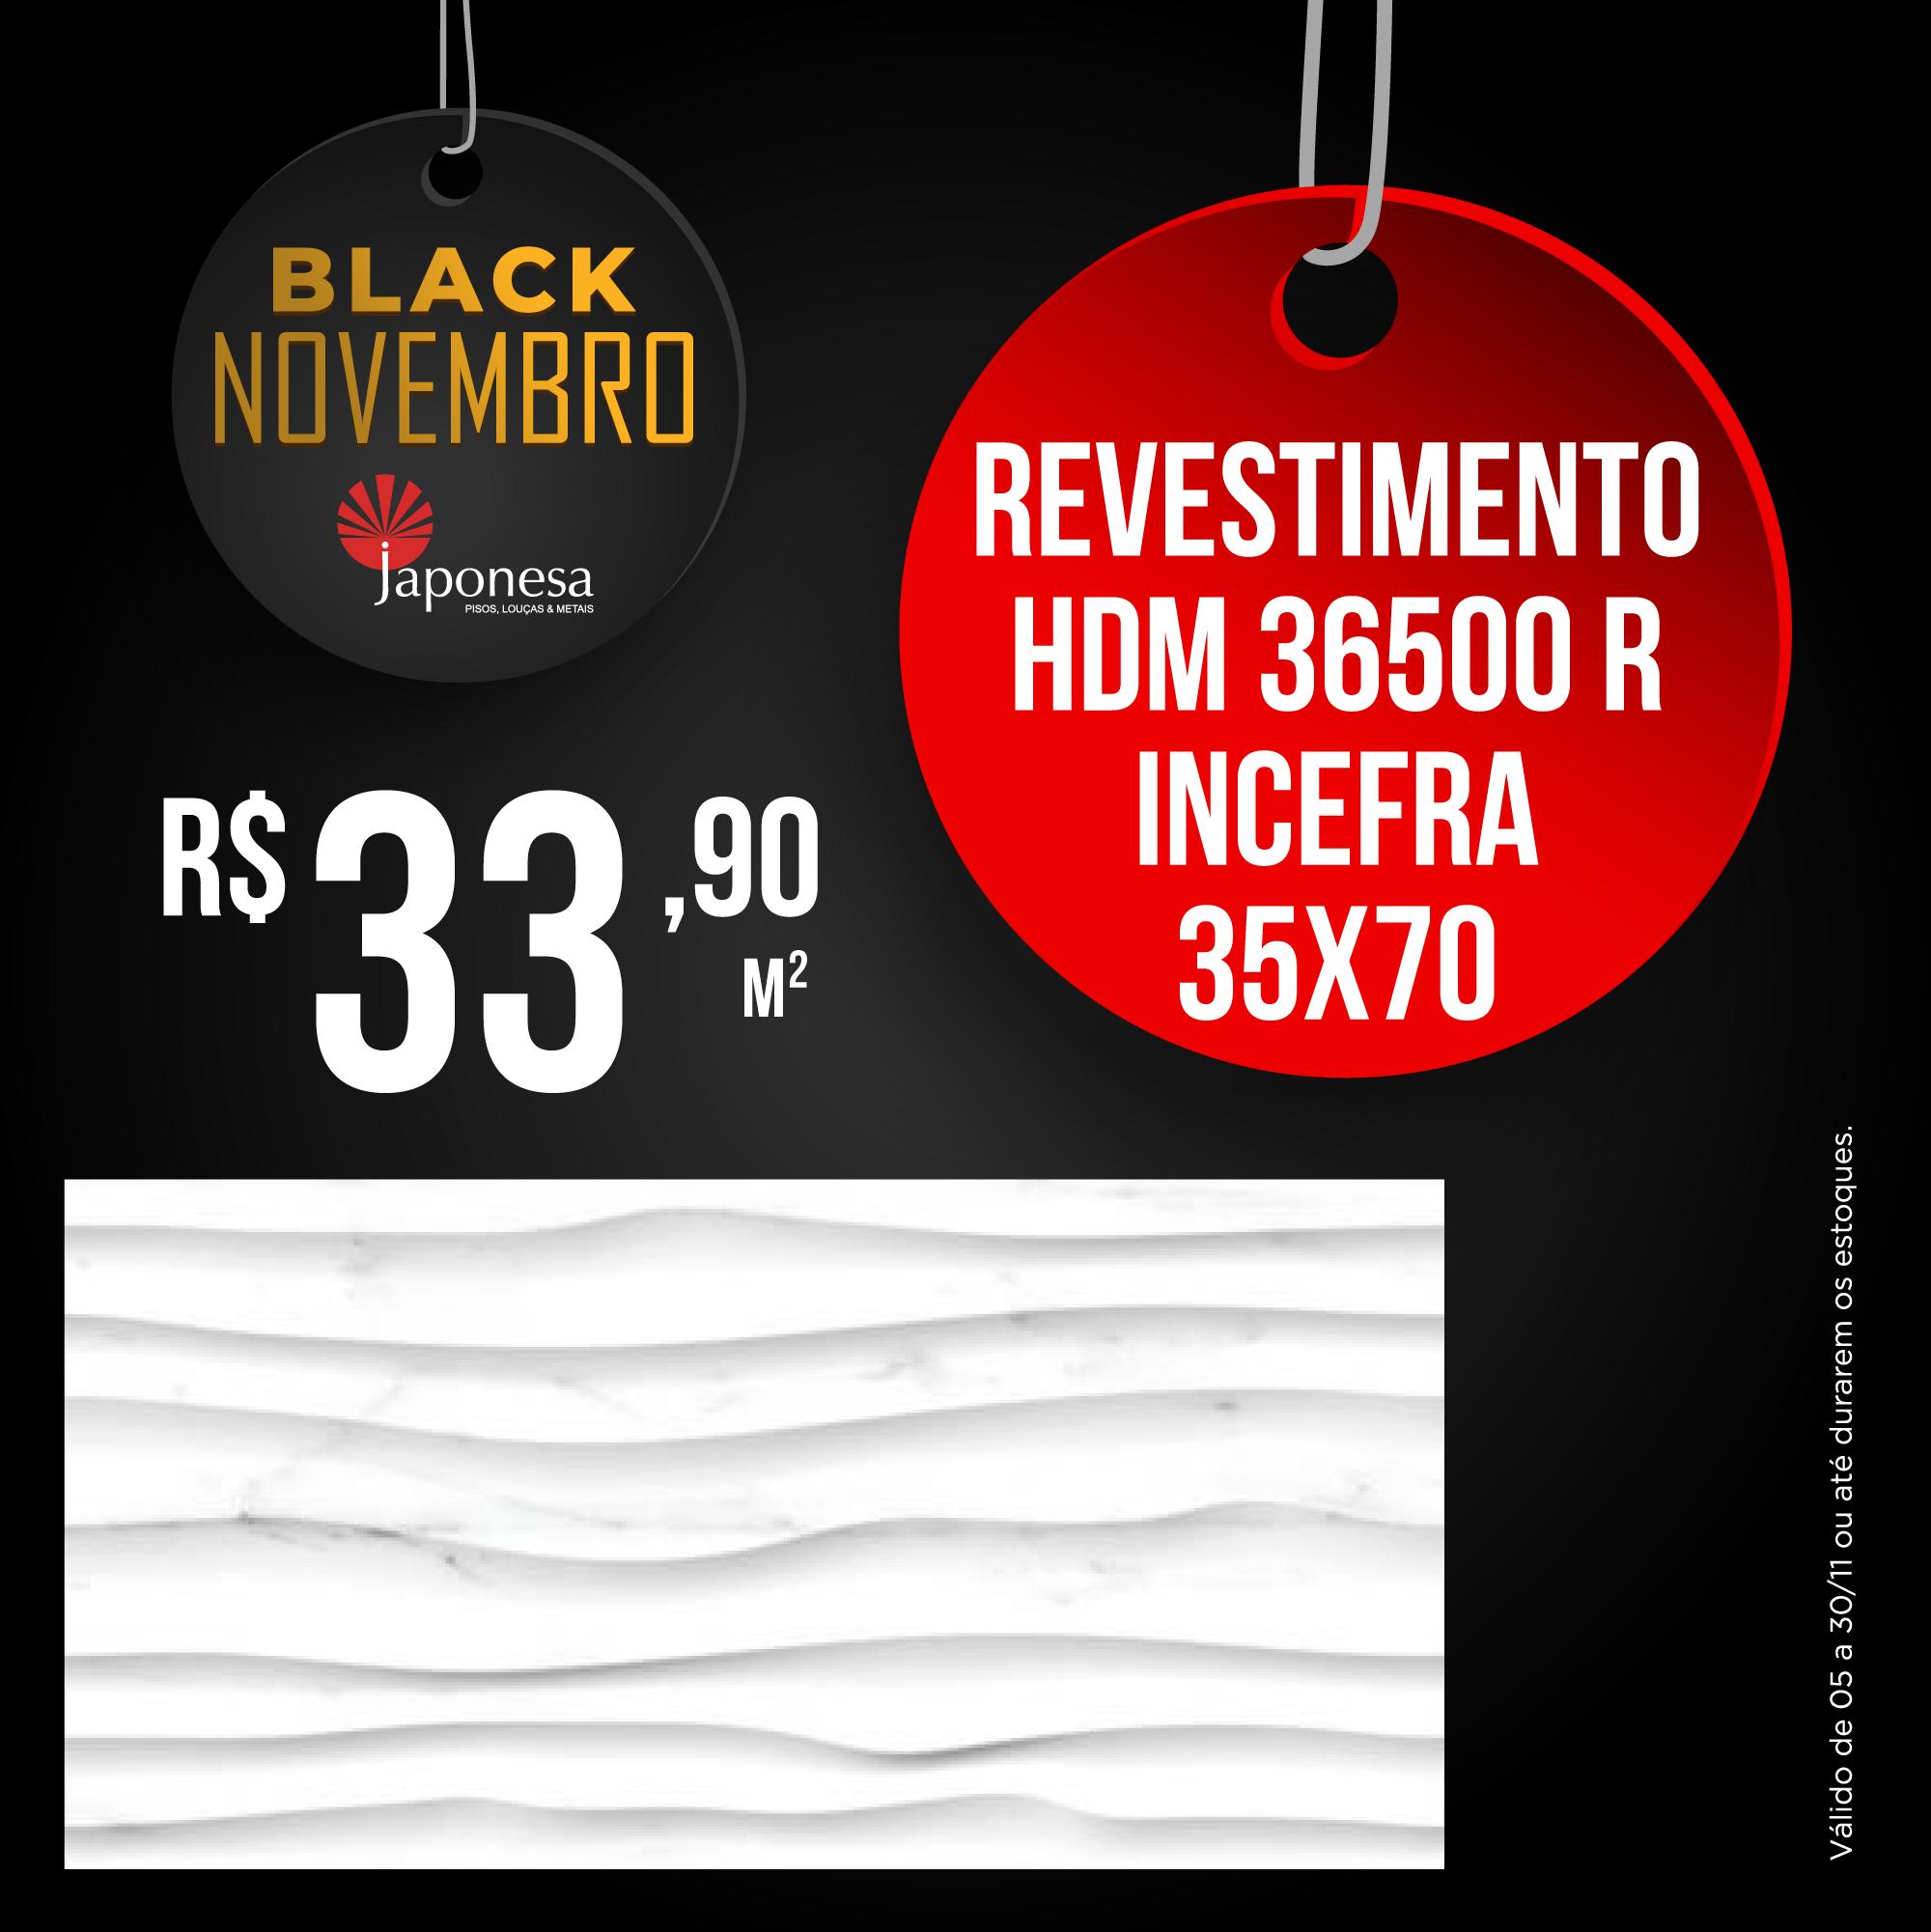 REVESTIMENTO HDM 36500 R INCEFRA 35X70